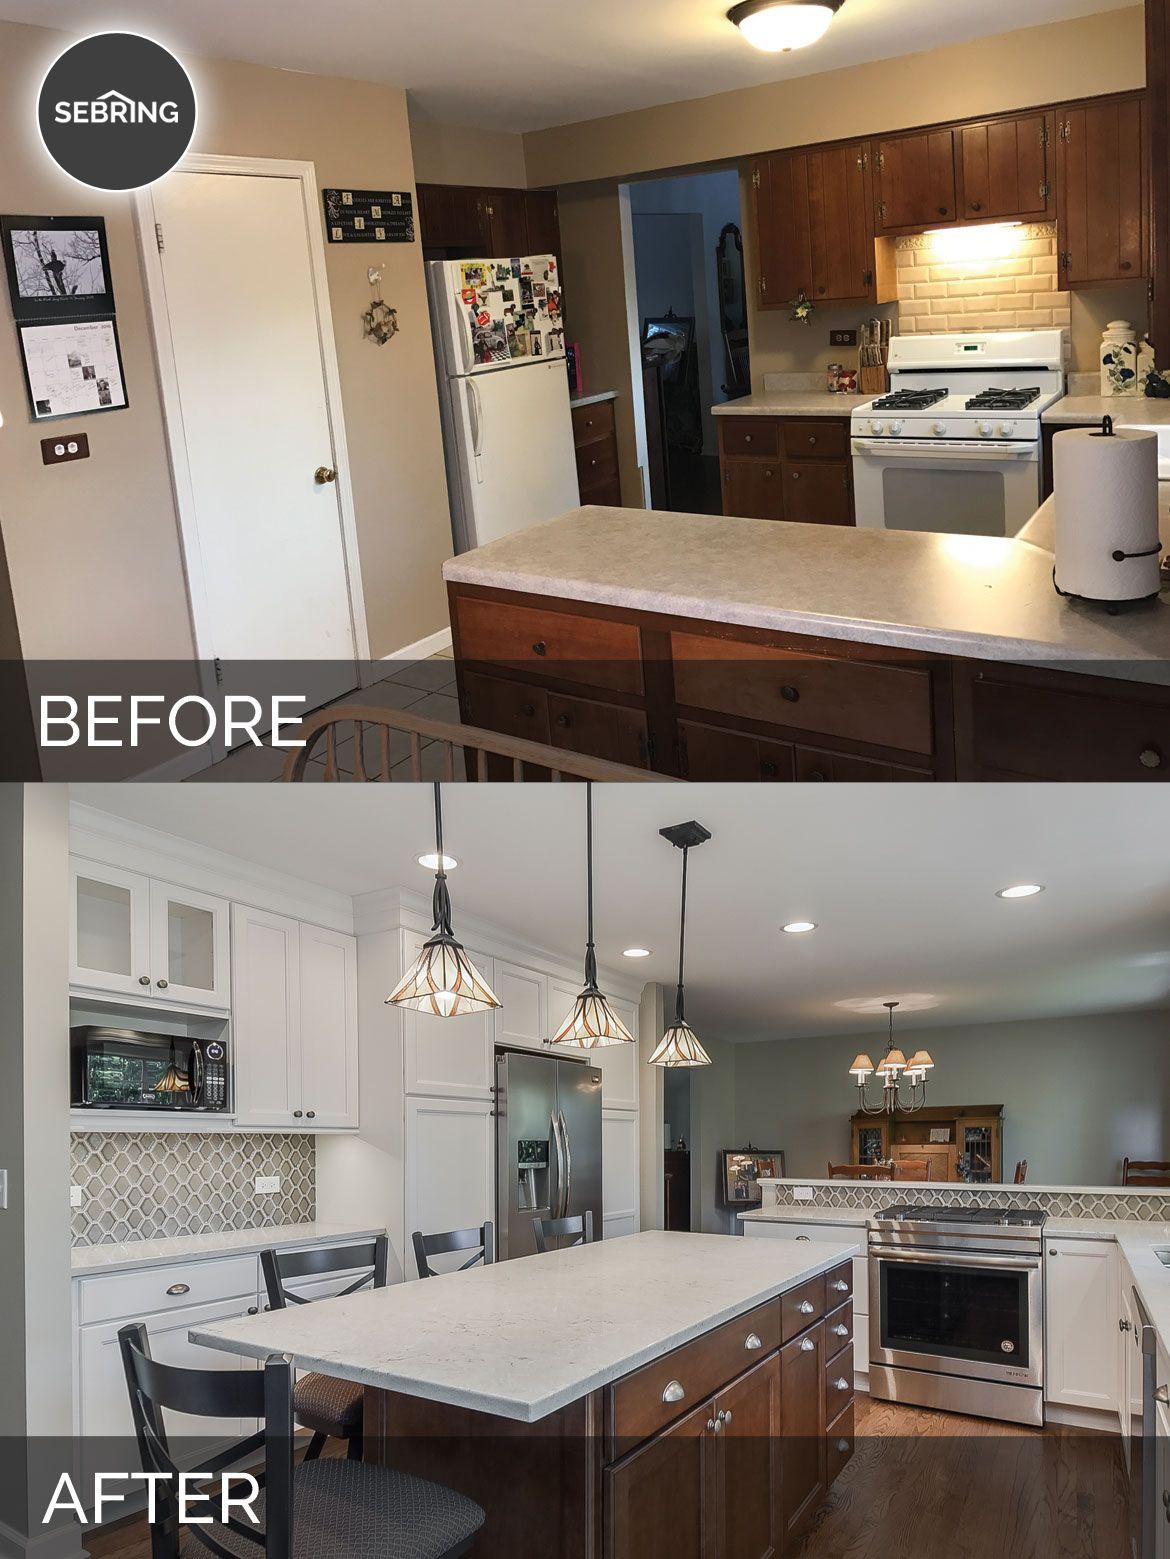 Scott Ann S Kitchen Before After Pictures Diy Kitchen